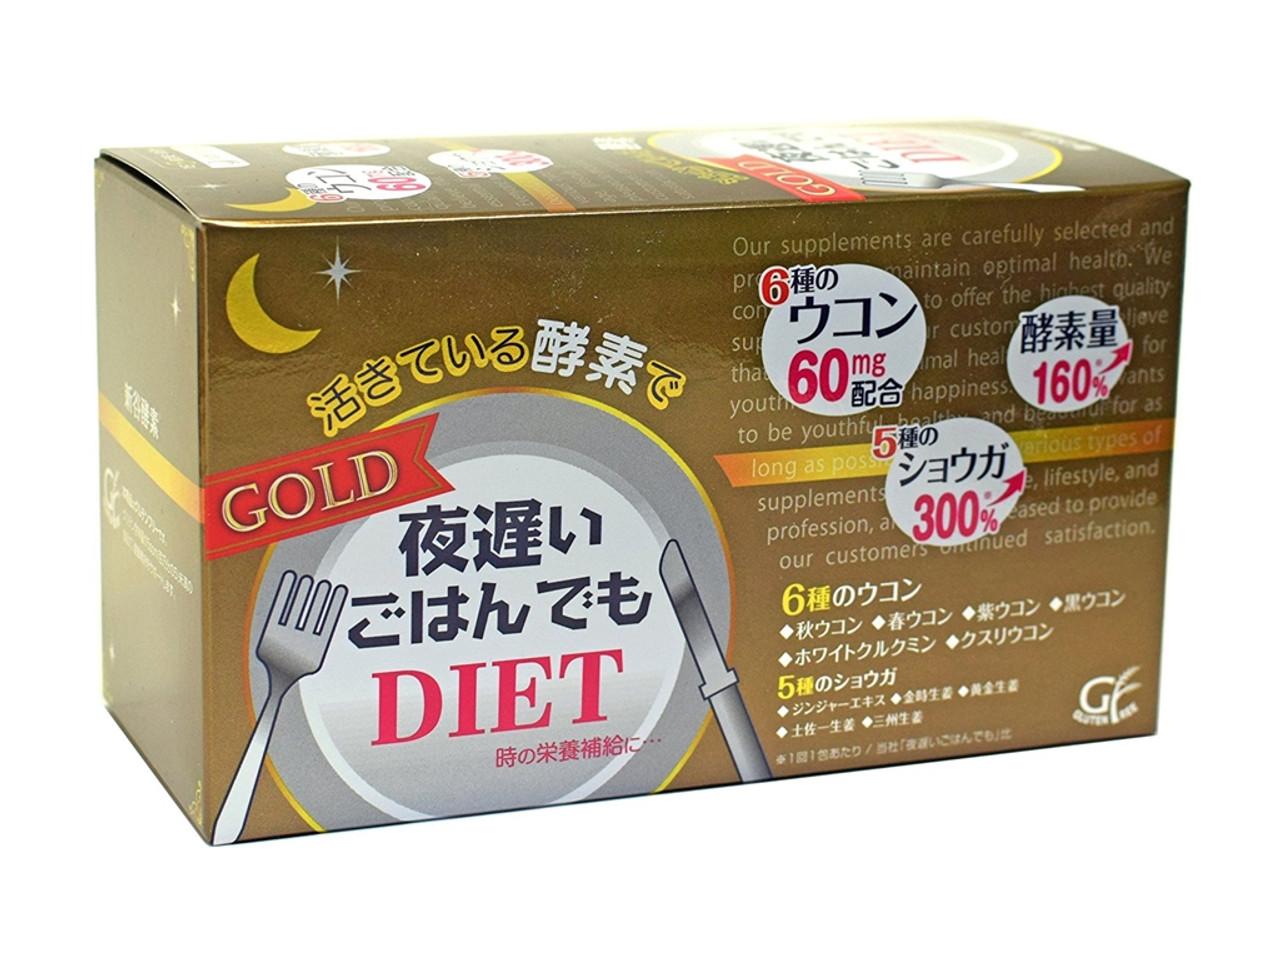 日本 新谷 night diet 酵素 黃金 版 吃 法